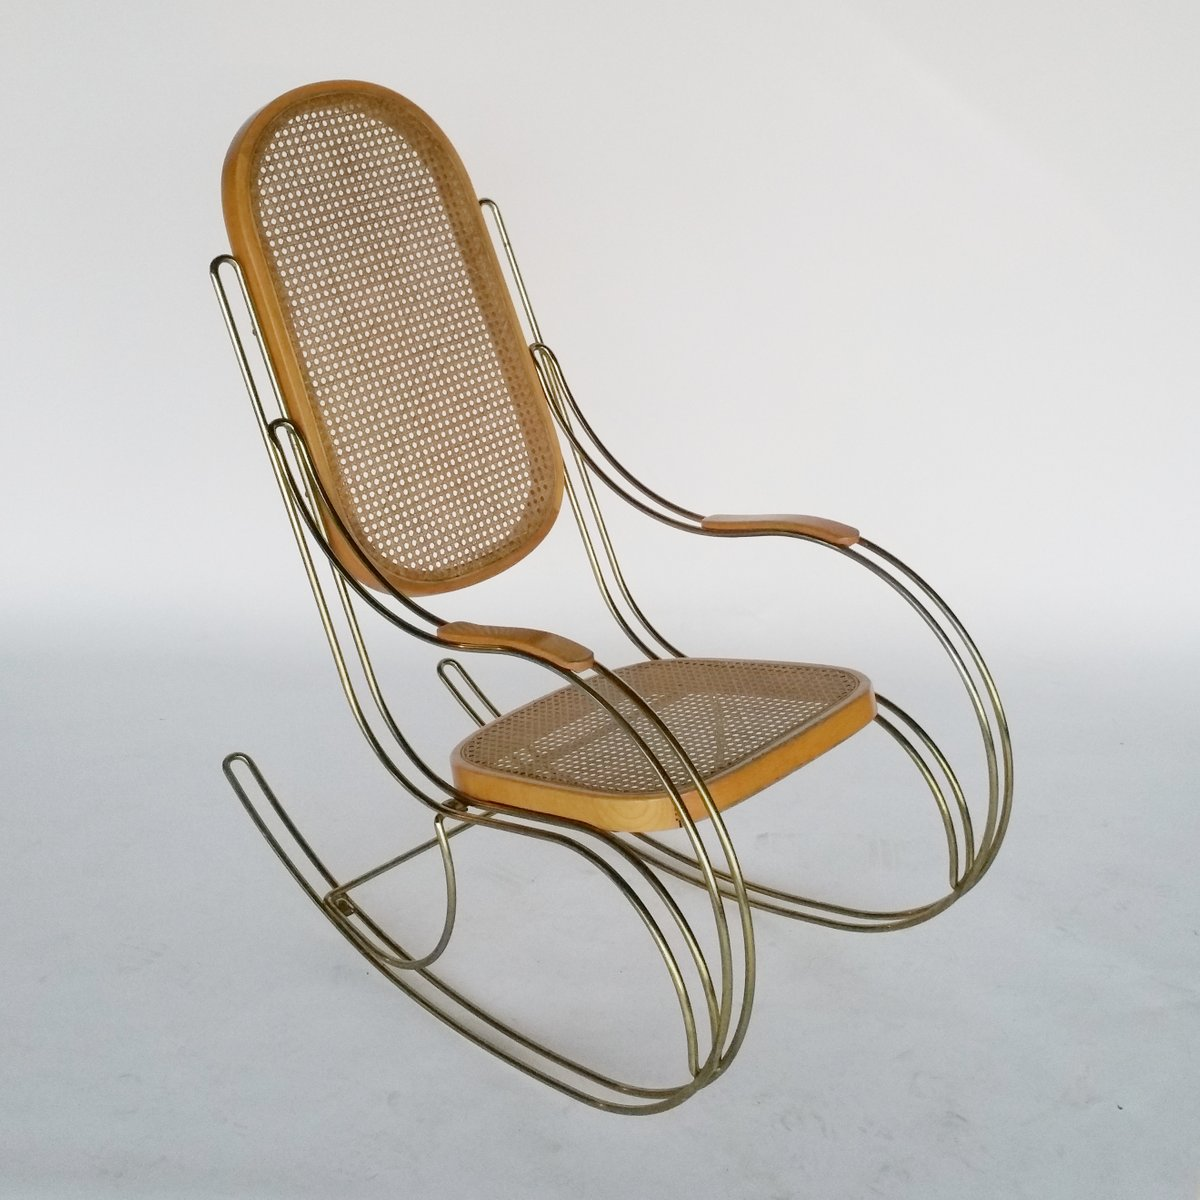 Schaukelstuhl aus metall schilfrohr 1970er bei pamono for Schaukelstuhl 1970